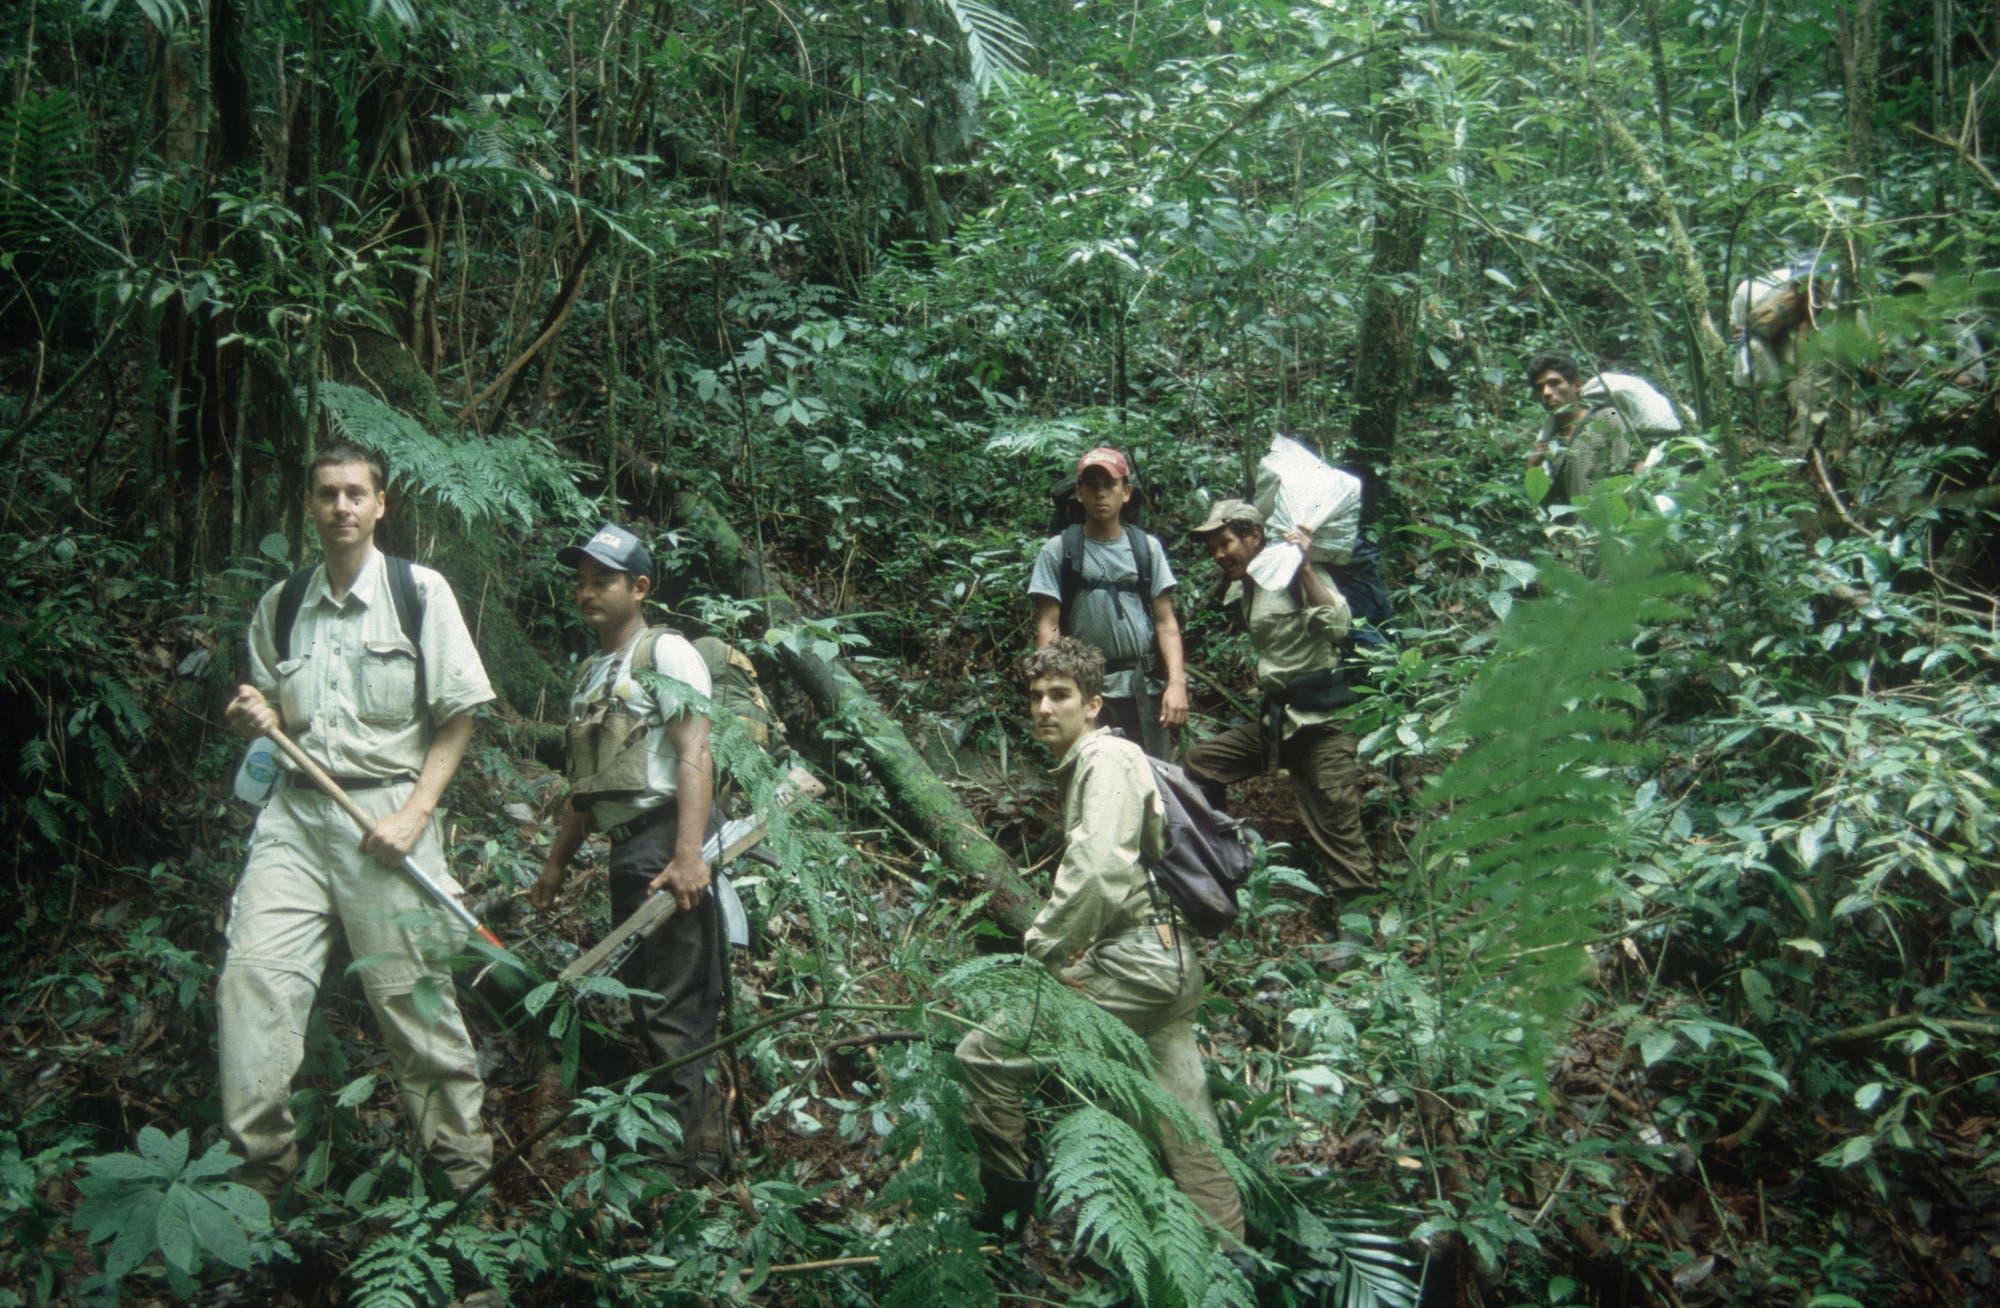 Im August 2002 war Gunther Köhler (links) mit seinem damaligen Studenten Ardiel Zebenzui (Dritter von links) auf einer zweiwöchigen Expedition im Bergregenwald des Cerro El Toro unterwegs.